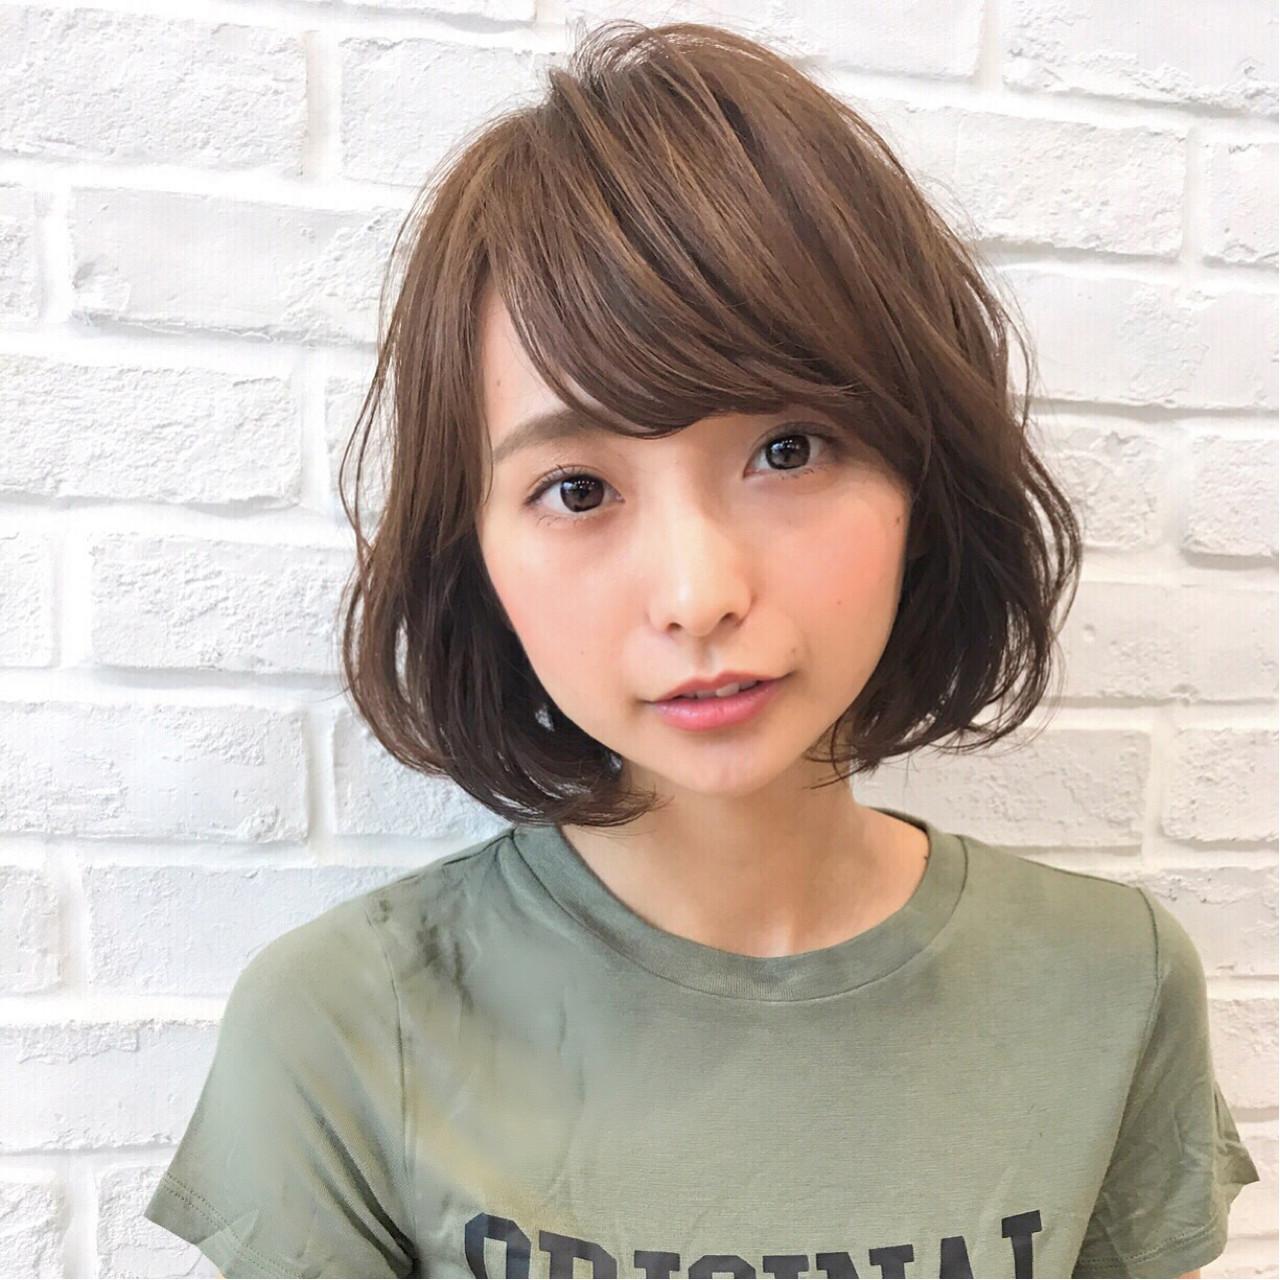 オトナかわいい愛されボブパーマ♡ 高橋苗